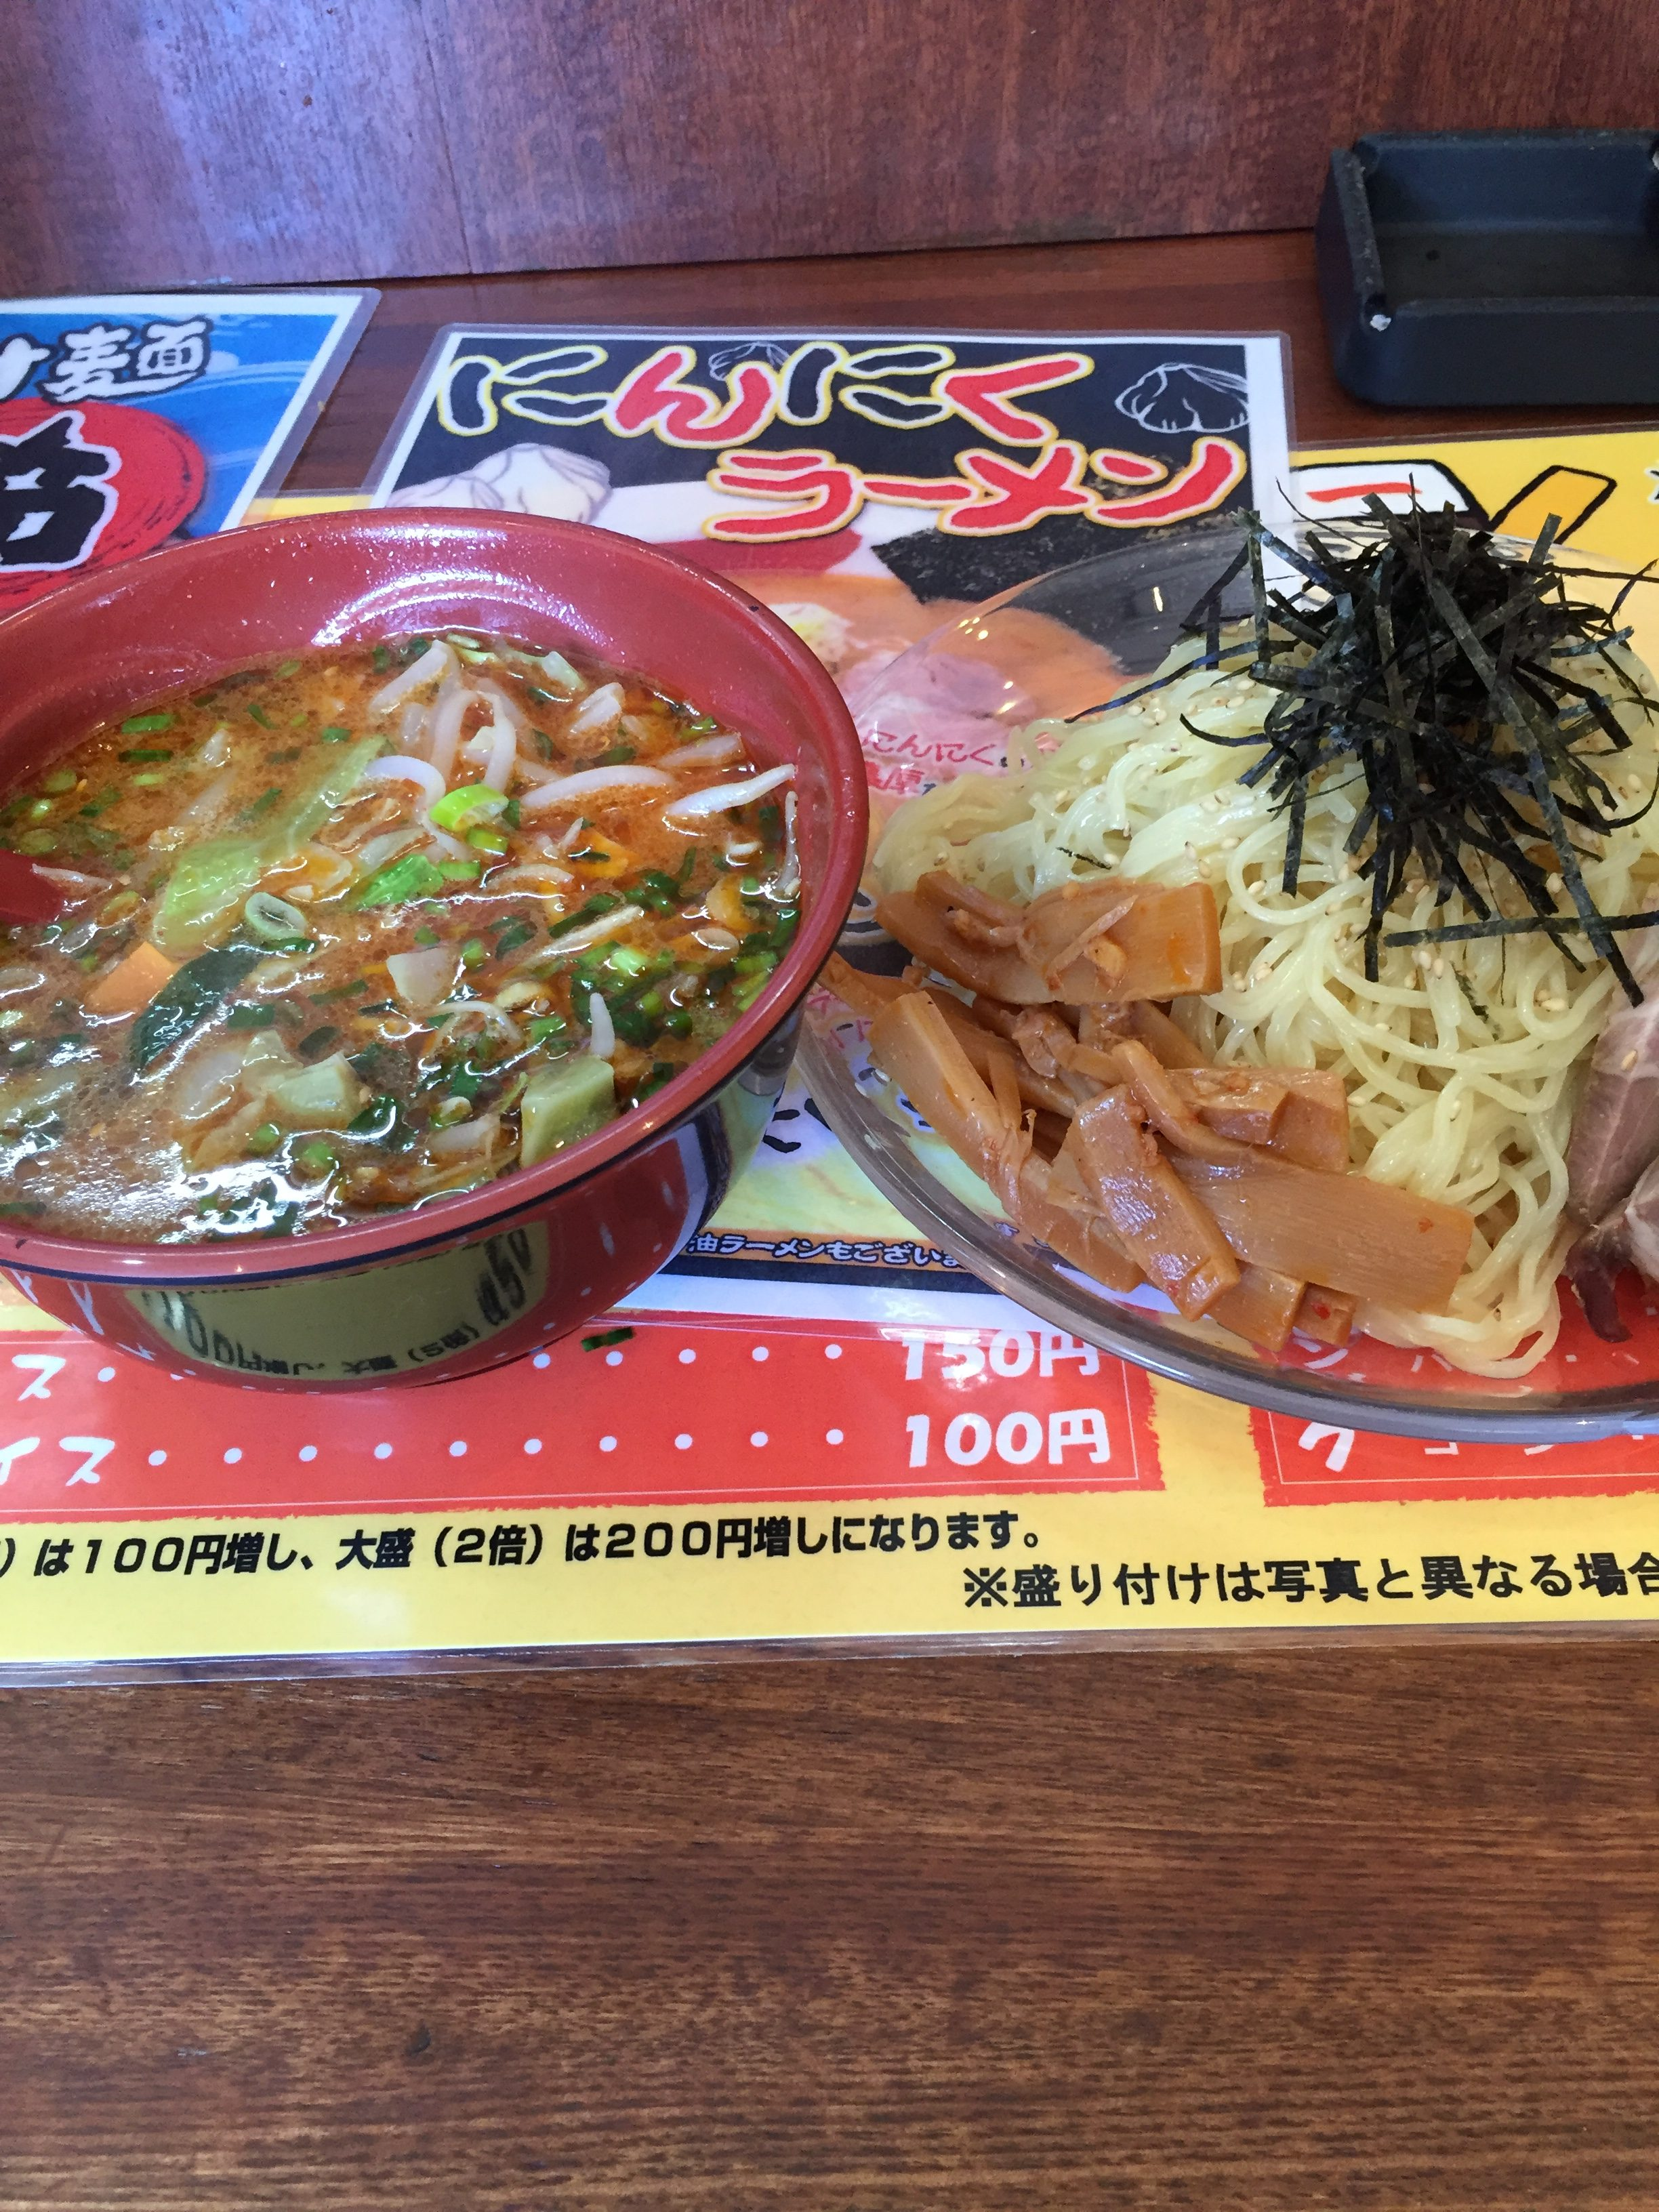 夏を前に辛党にお知らせ!勝田駅付近の一代元さんにて初めて食べたが『赤いつけ麺』自